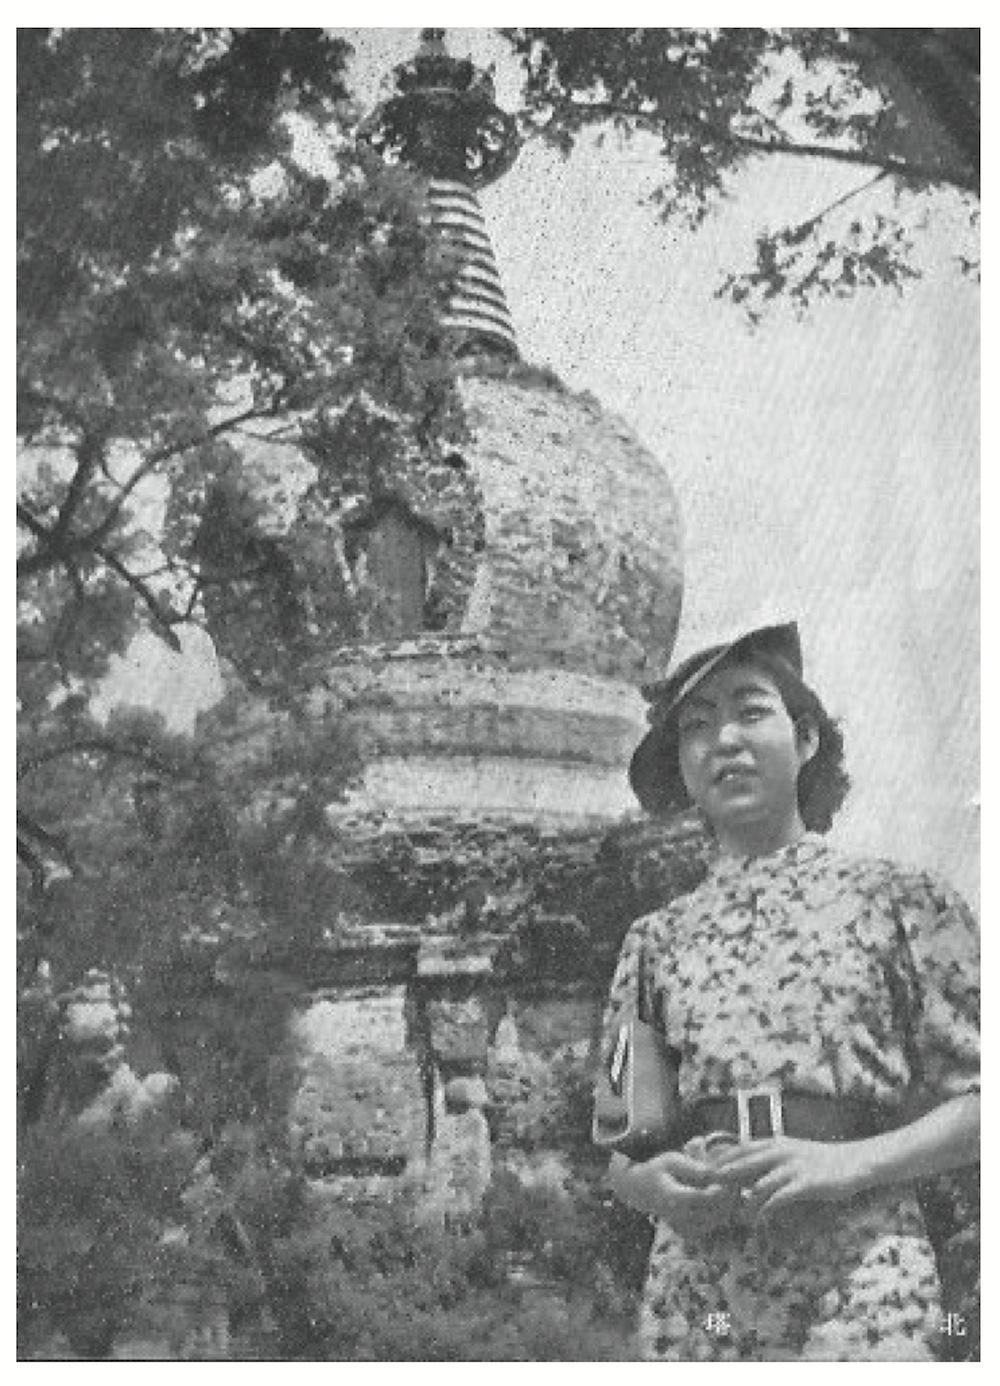 [3]奉天――「アジア的文明」の遺産として